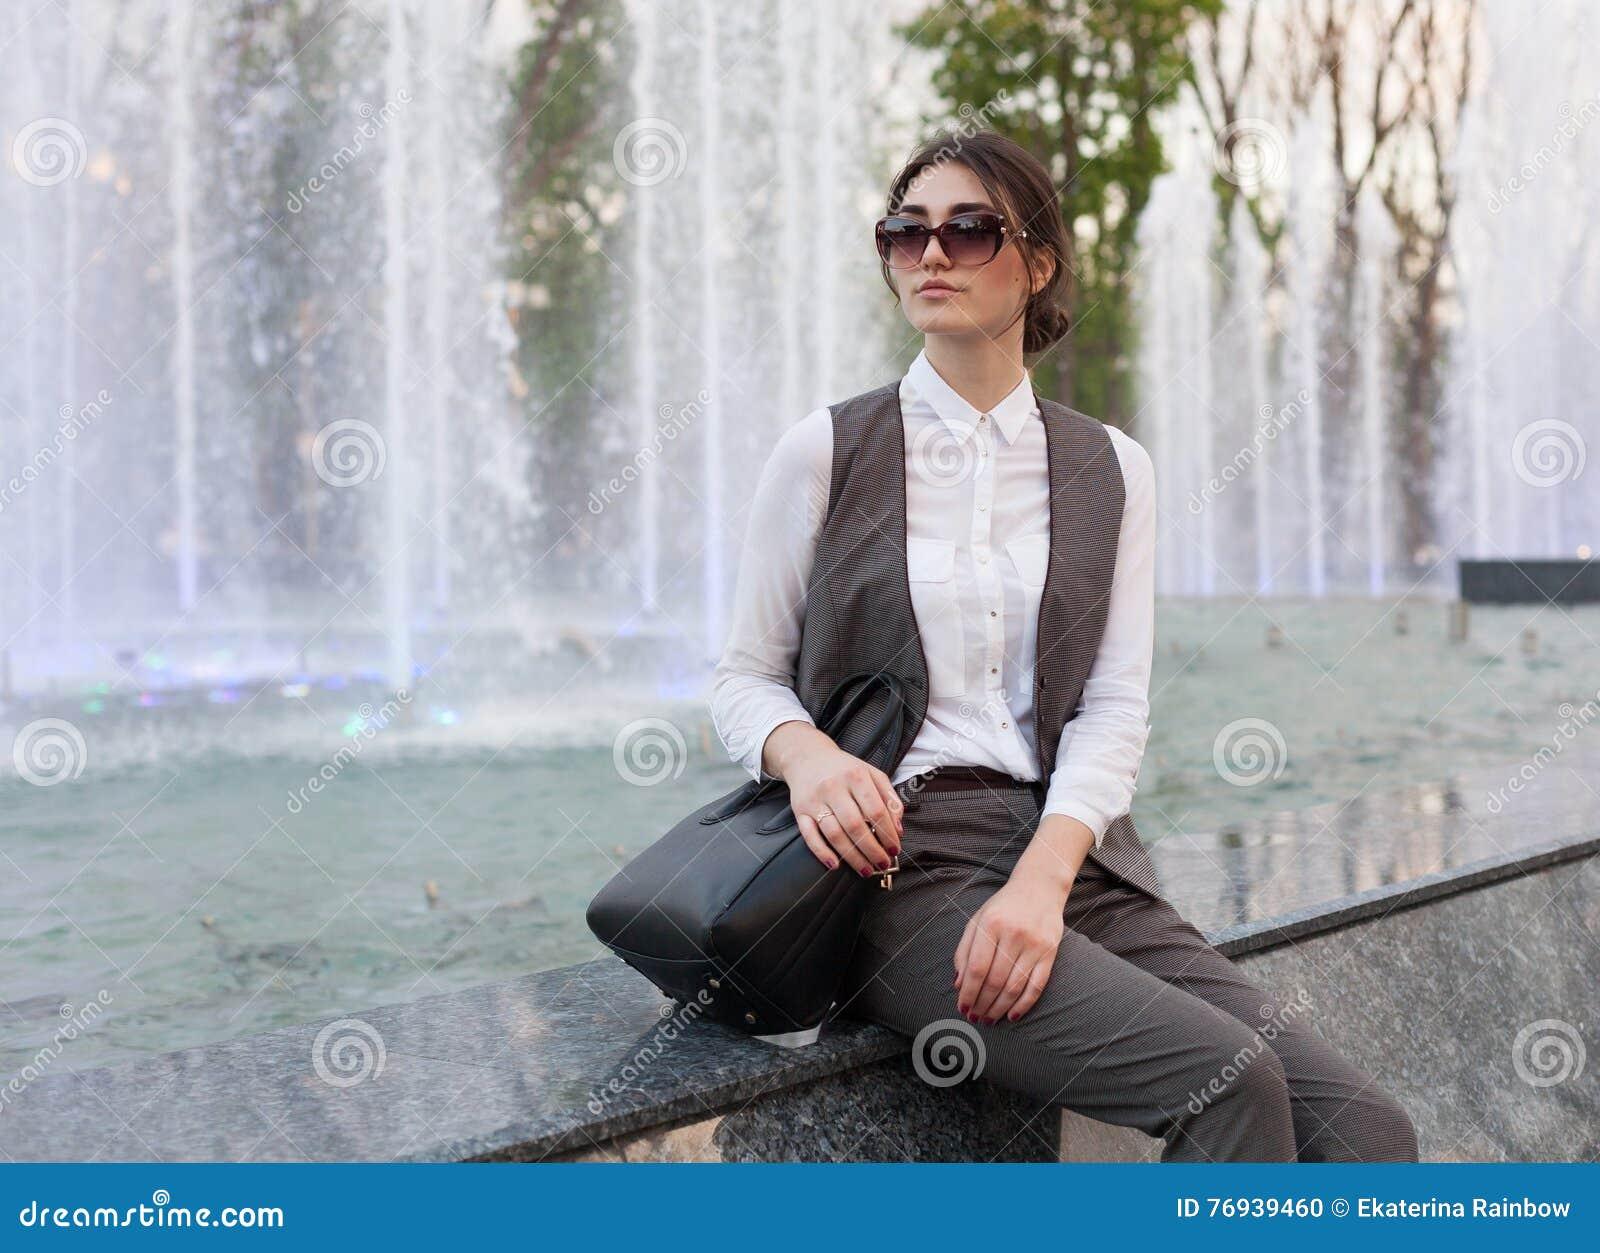 Señora en un traje de negocios